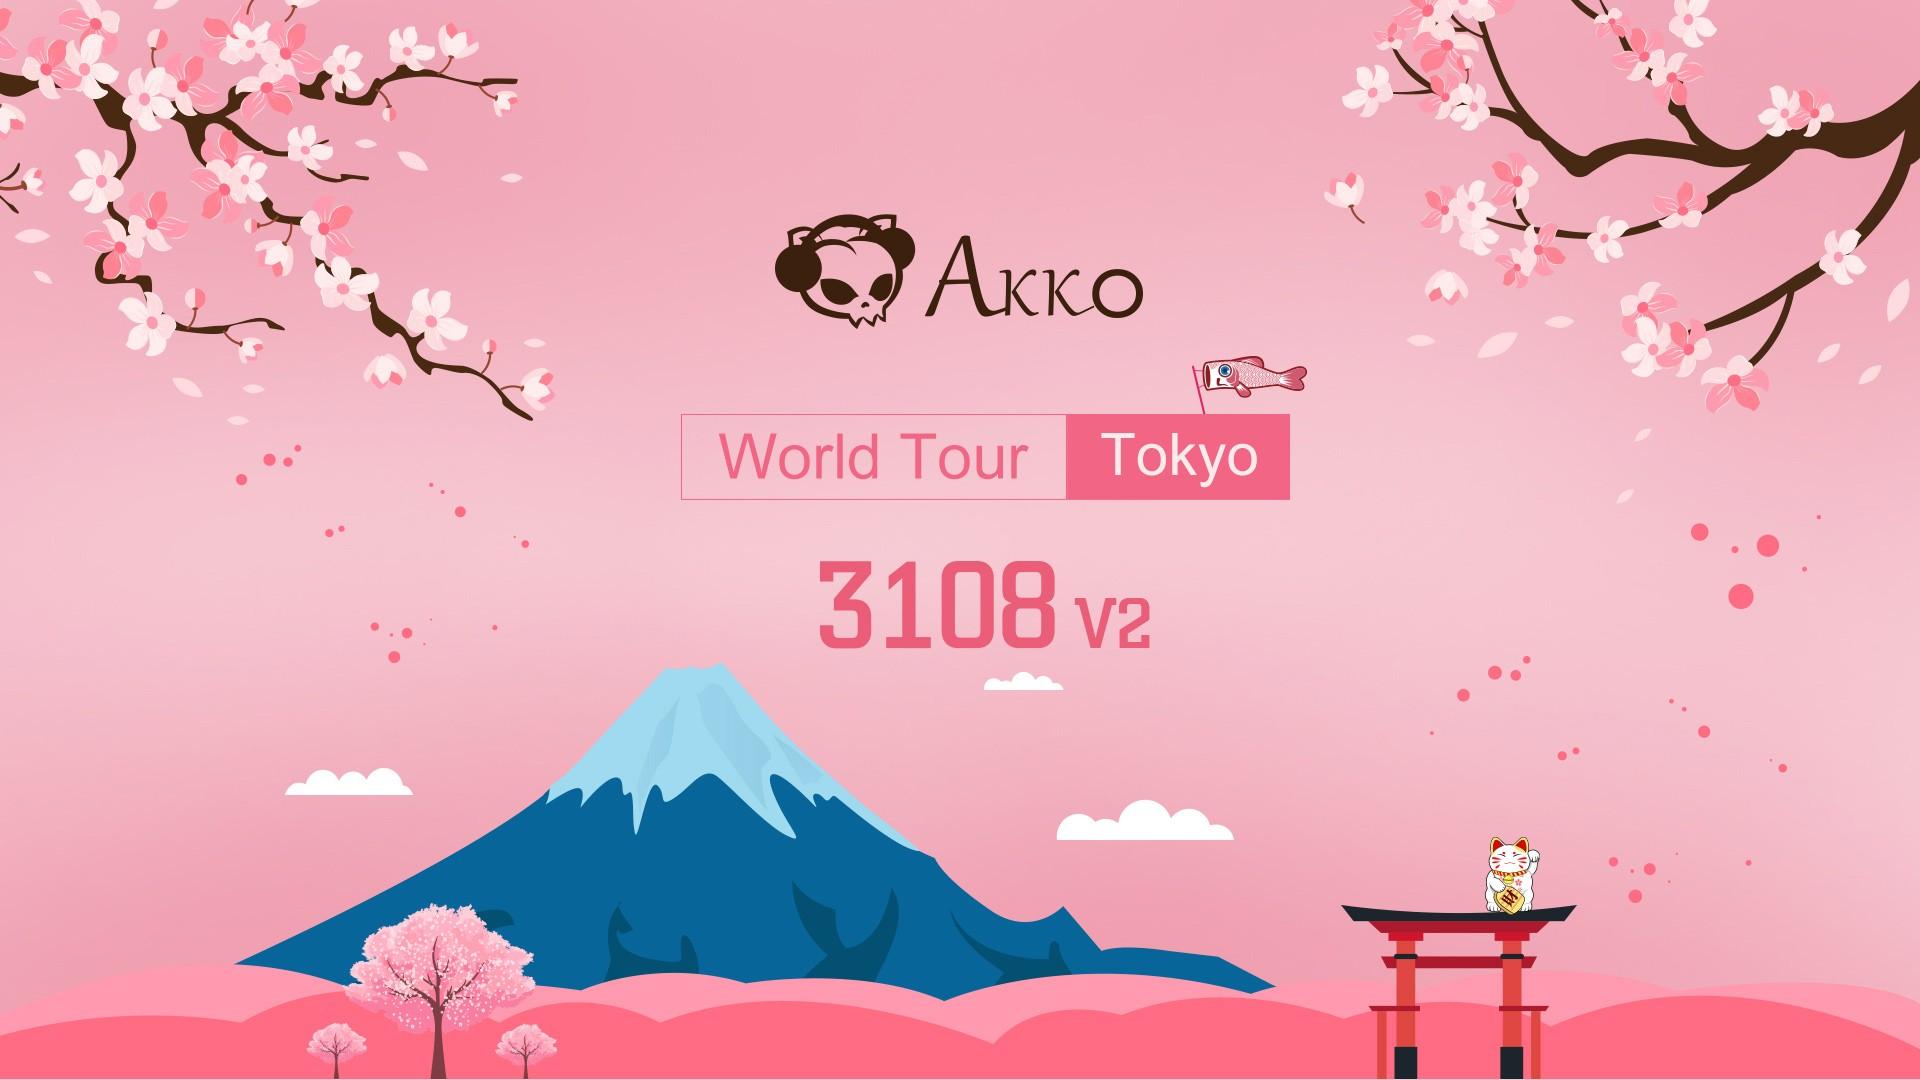 Bàn phím cơ Akko 3108 v2 World Tour - Tokyo - Cherry Switch